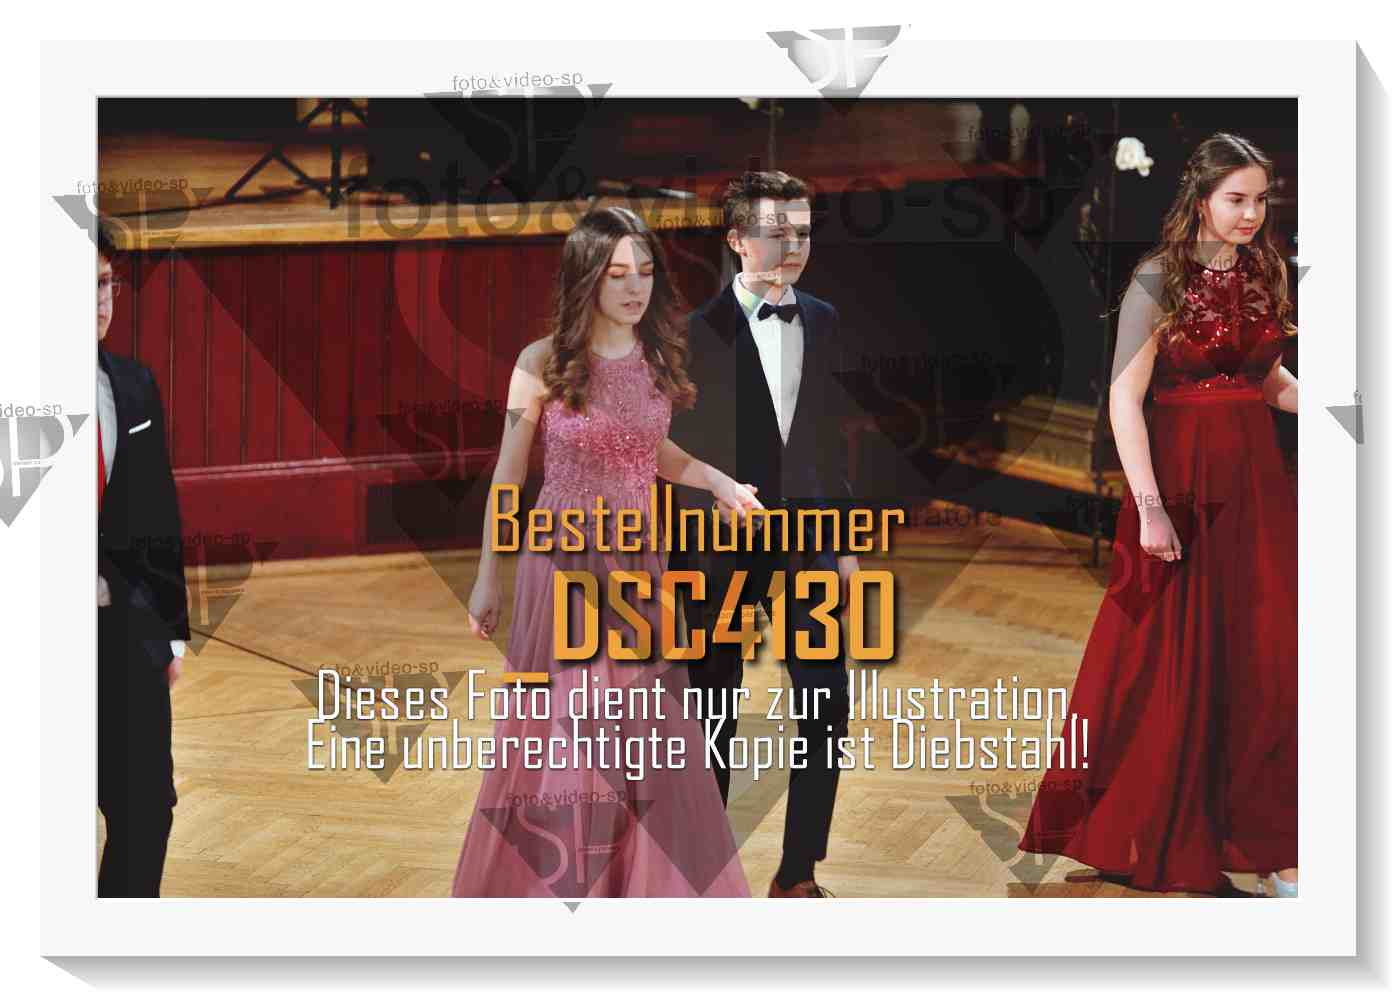 DSC4130